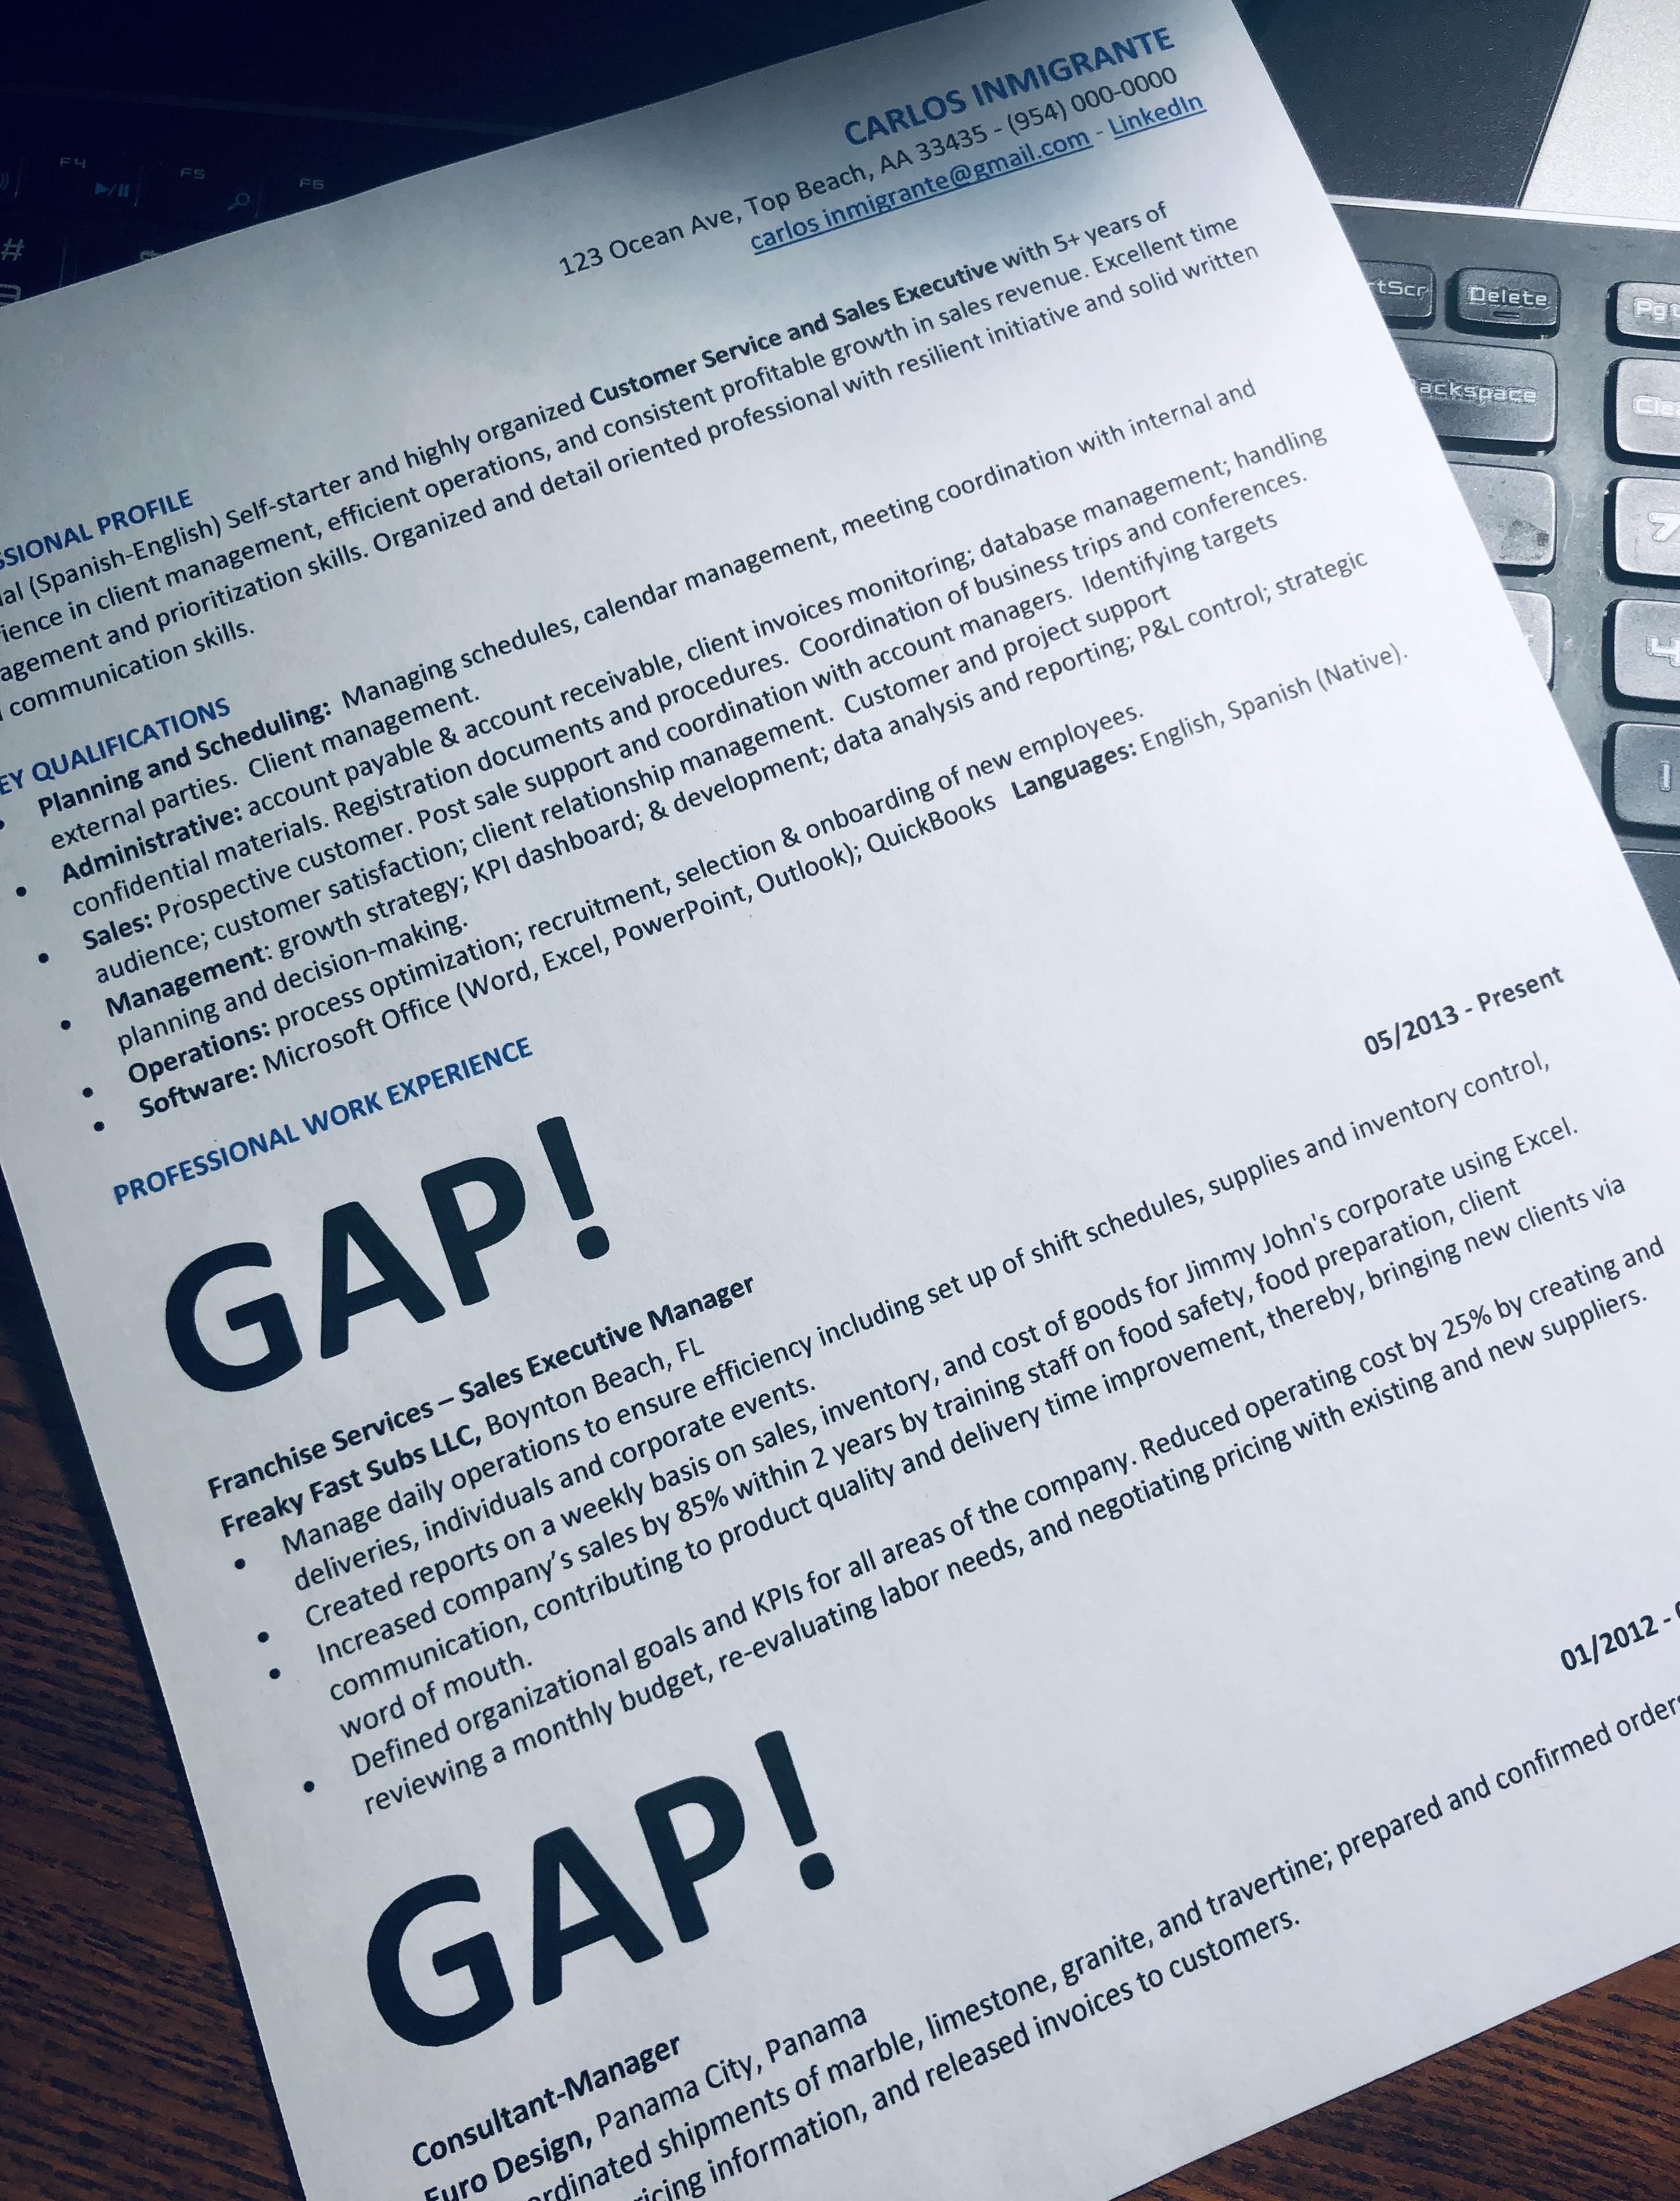 """072 – ¿Cómo explicar los """"gaps"""" en el resume?"""